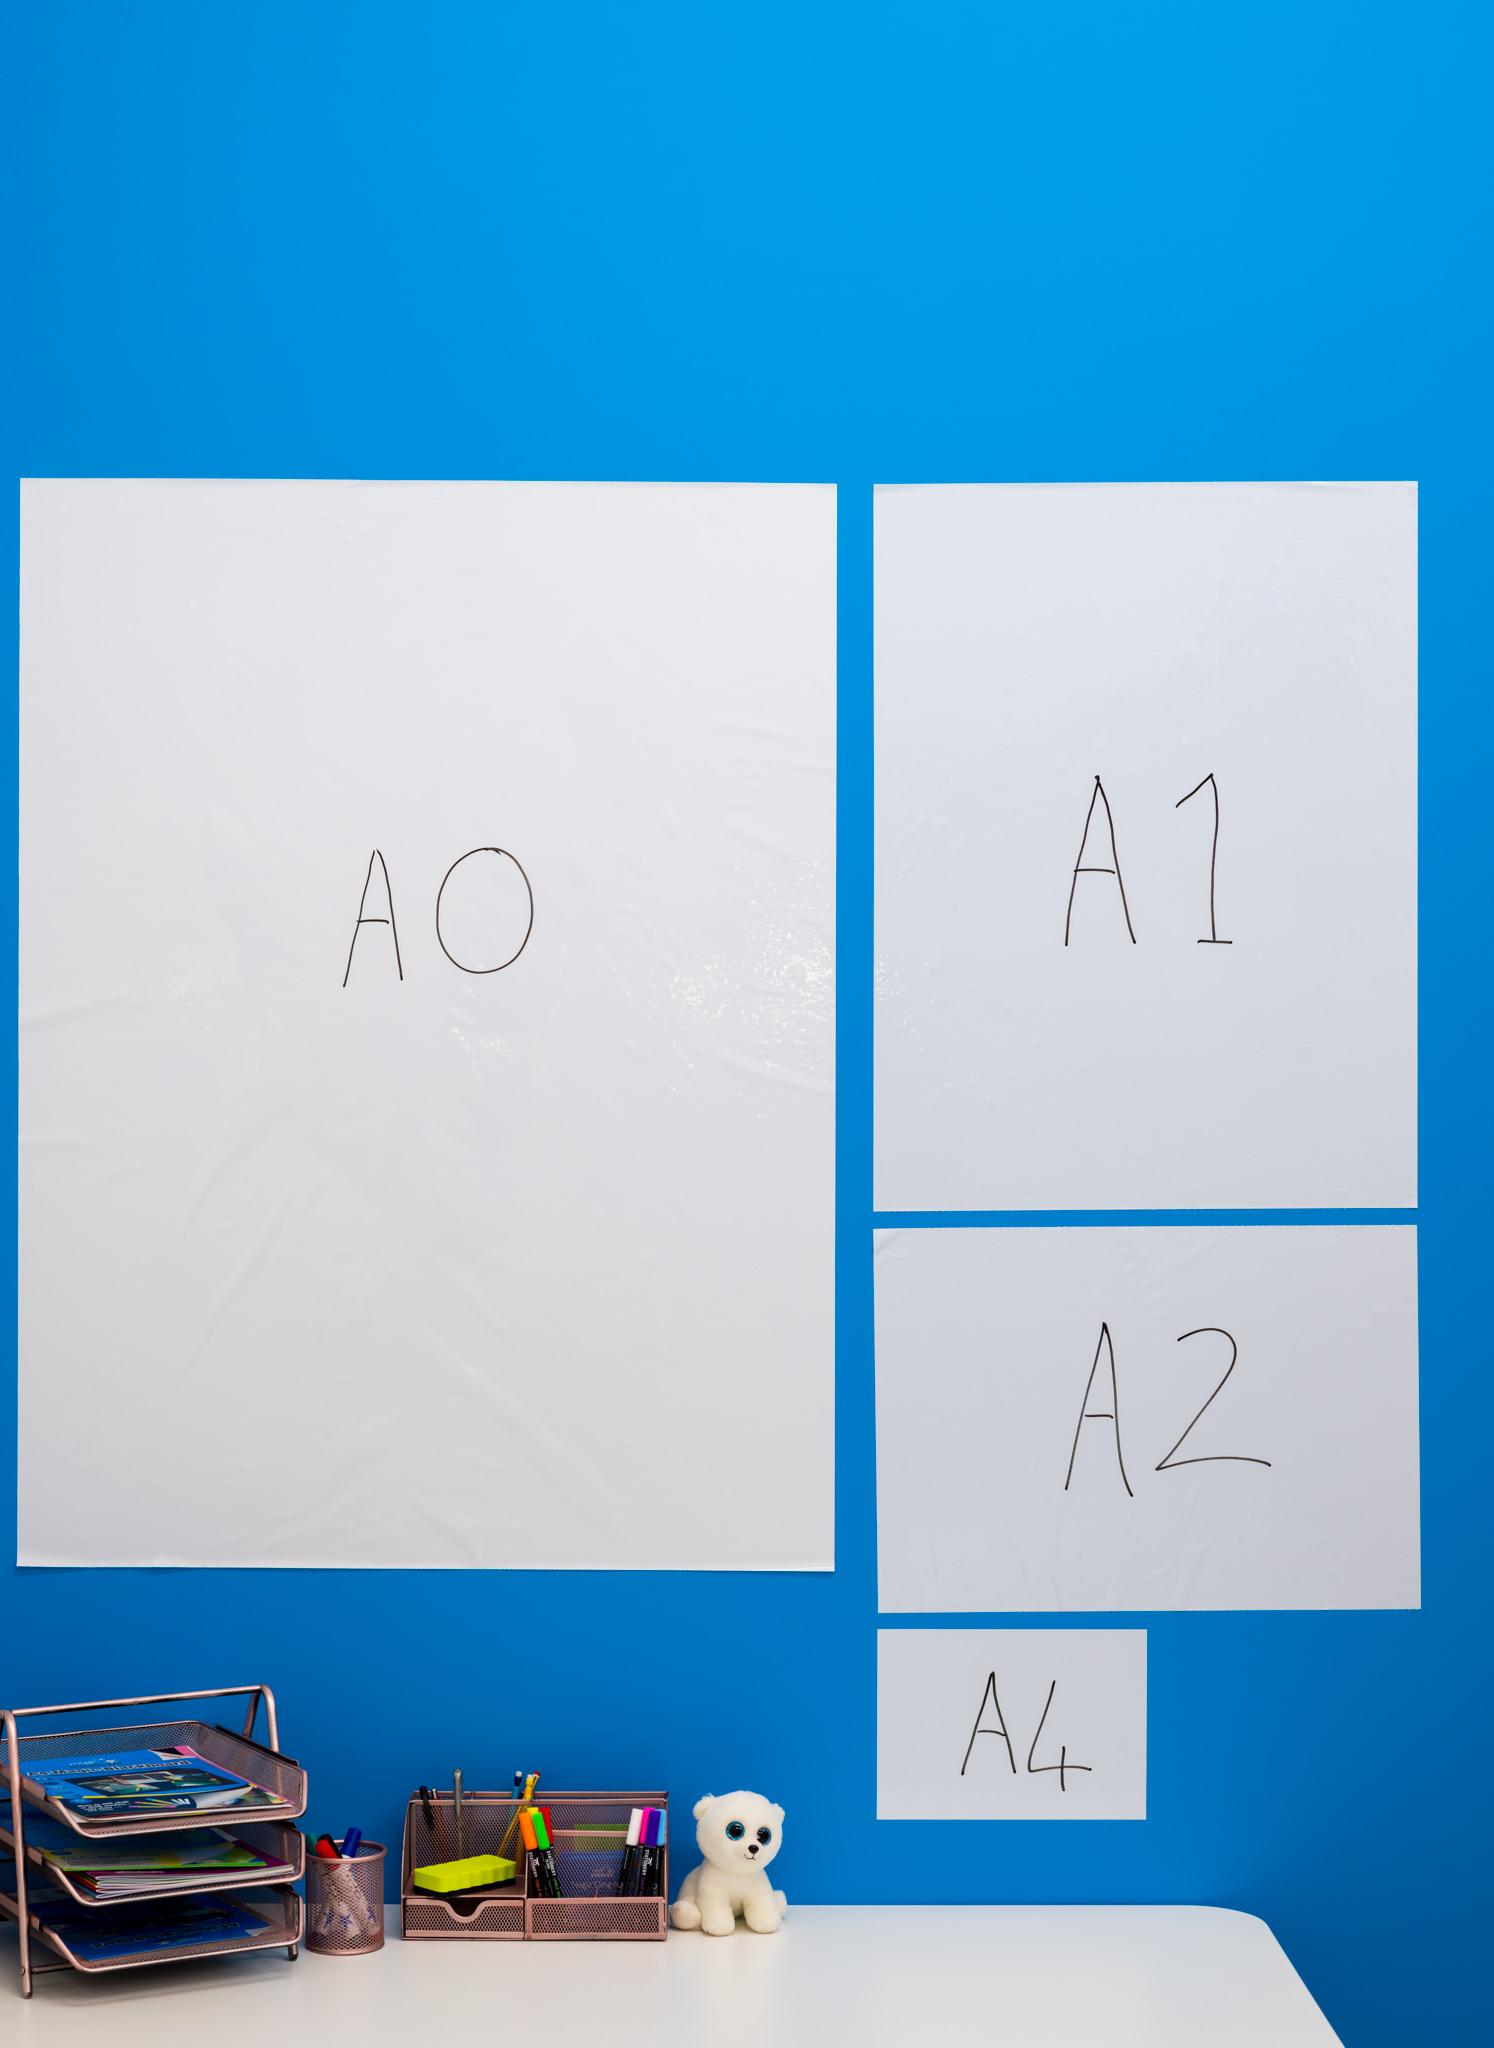 A0, A1, A2 and A4 Magic Whiteboard